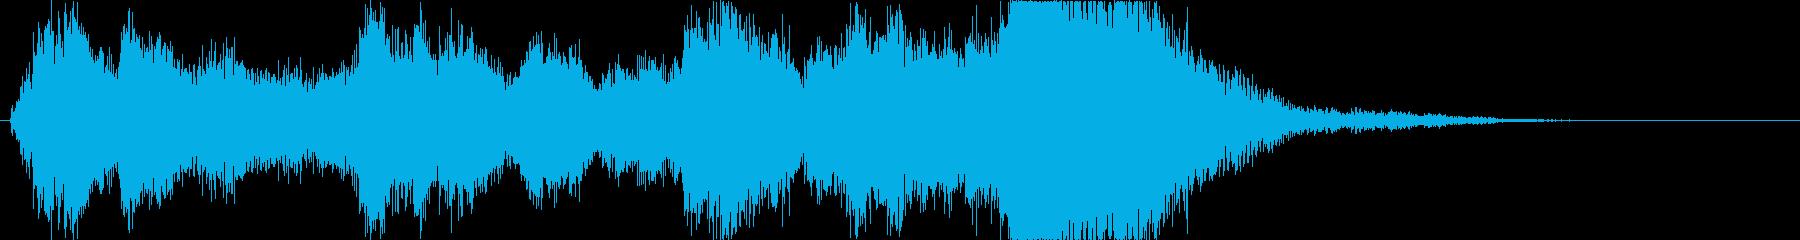 オーケストラによる壮大で明るいジングルの再生済みの波形